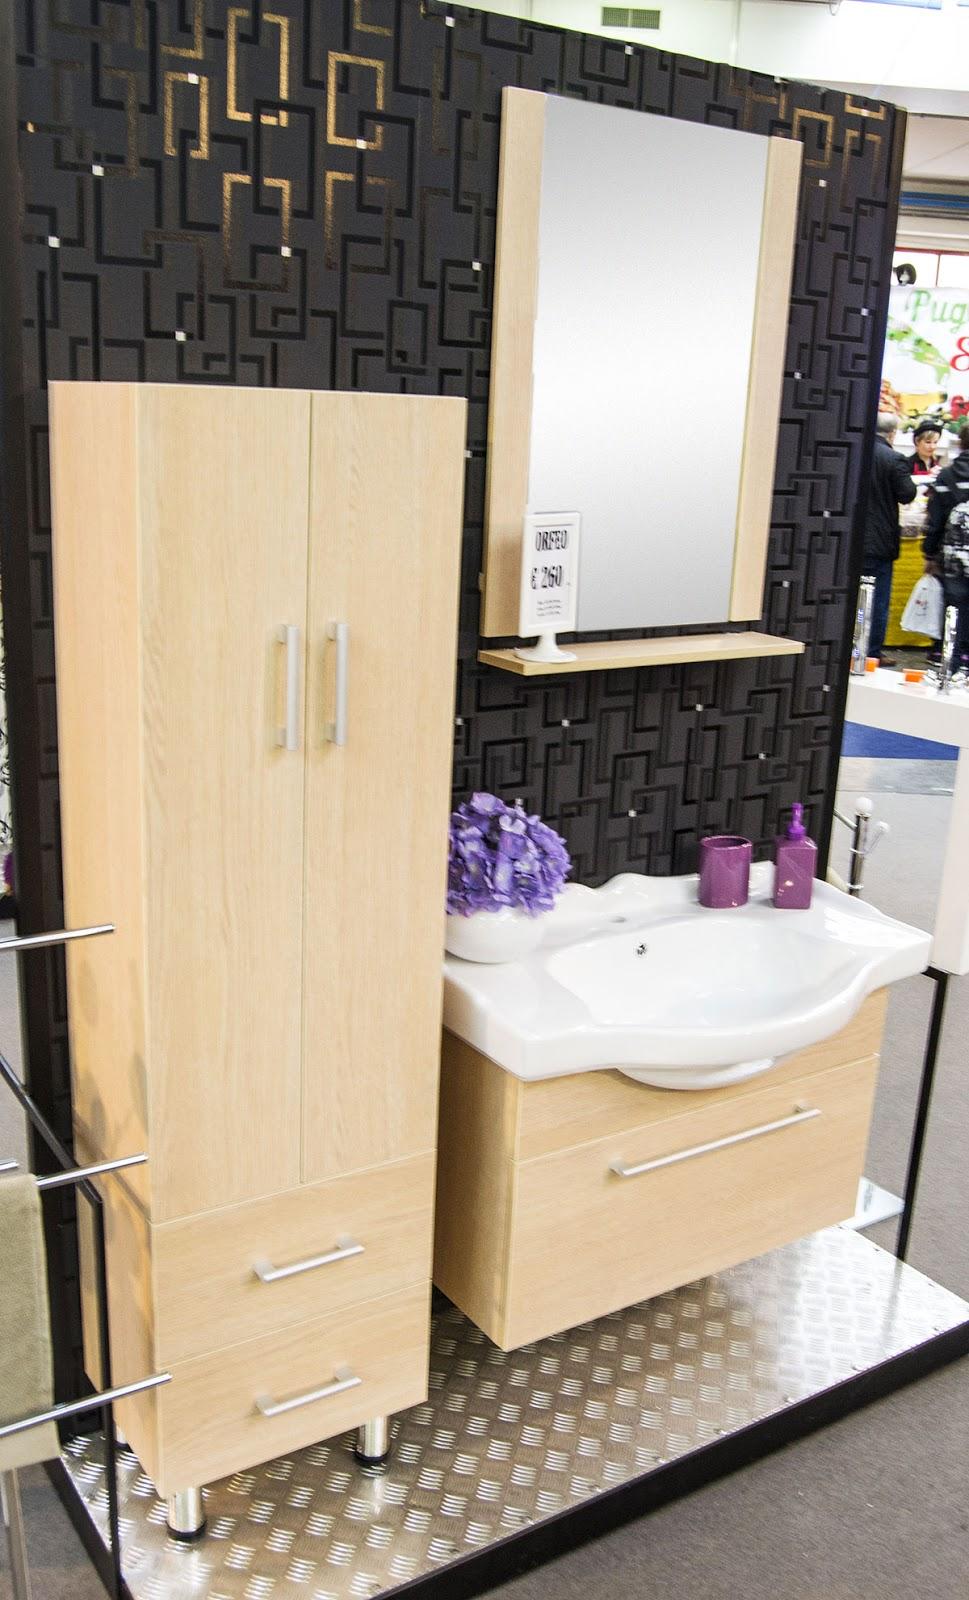 Mobile bagno con lavabo in ceramica box doccia cabine multifunzione e vasche per disabili - Colonna bagno economica ...